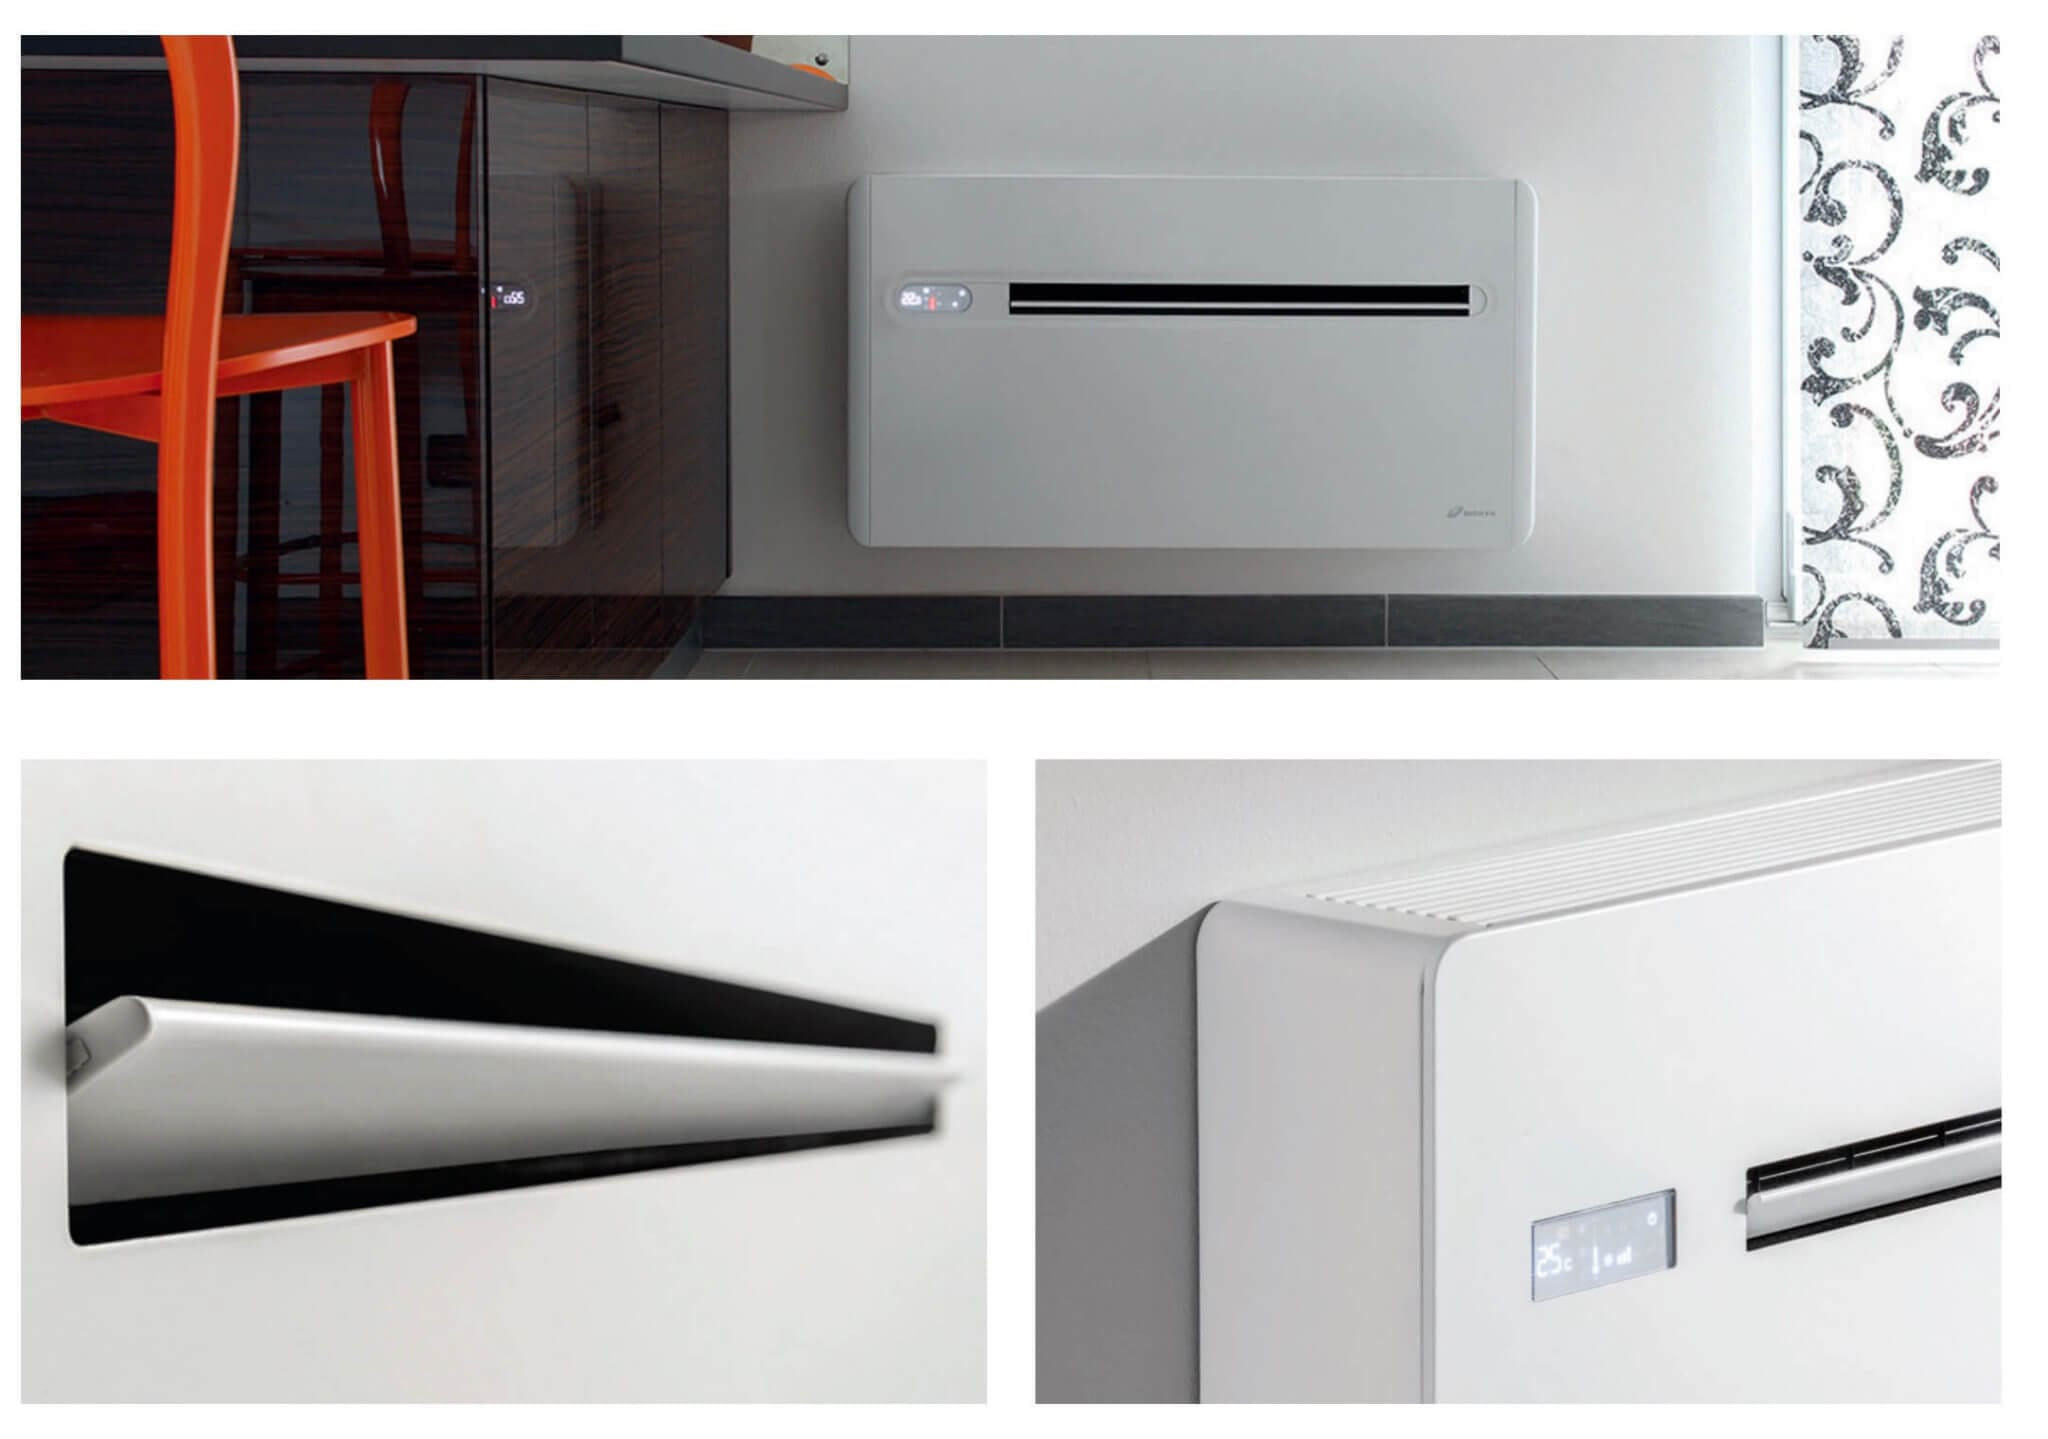 Aircoheater 2.0.